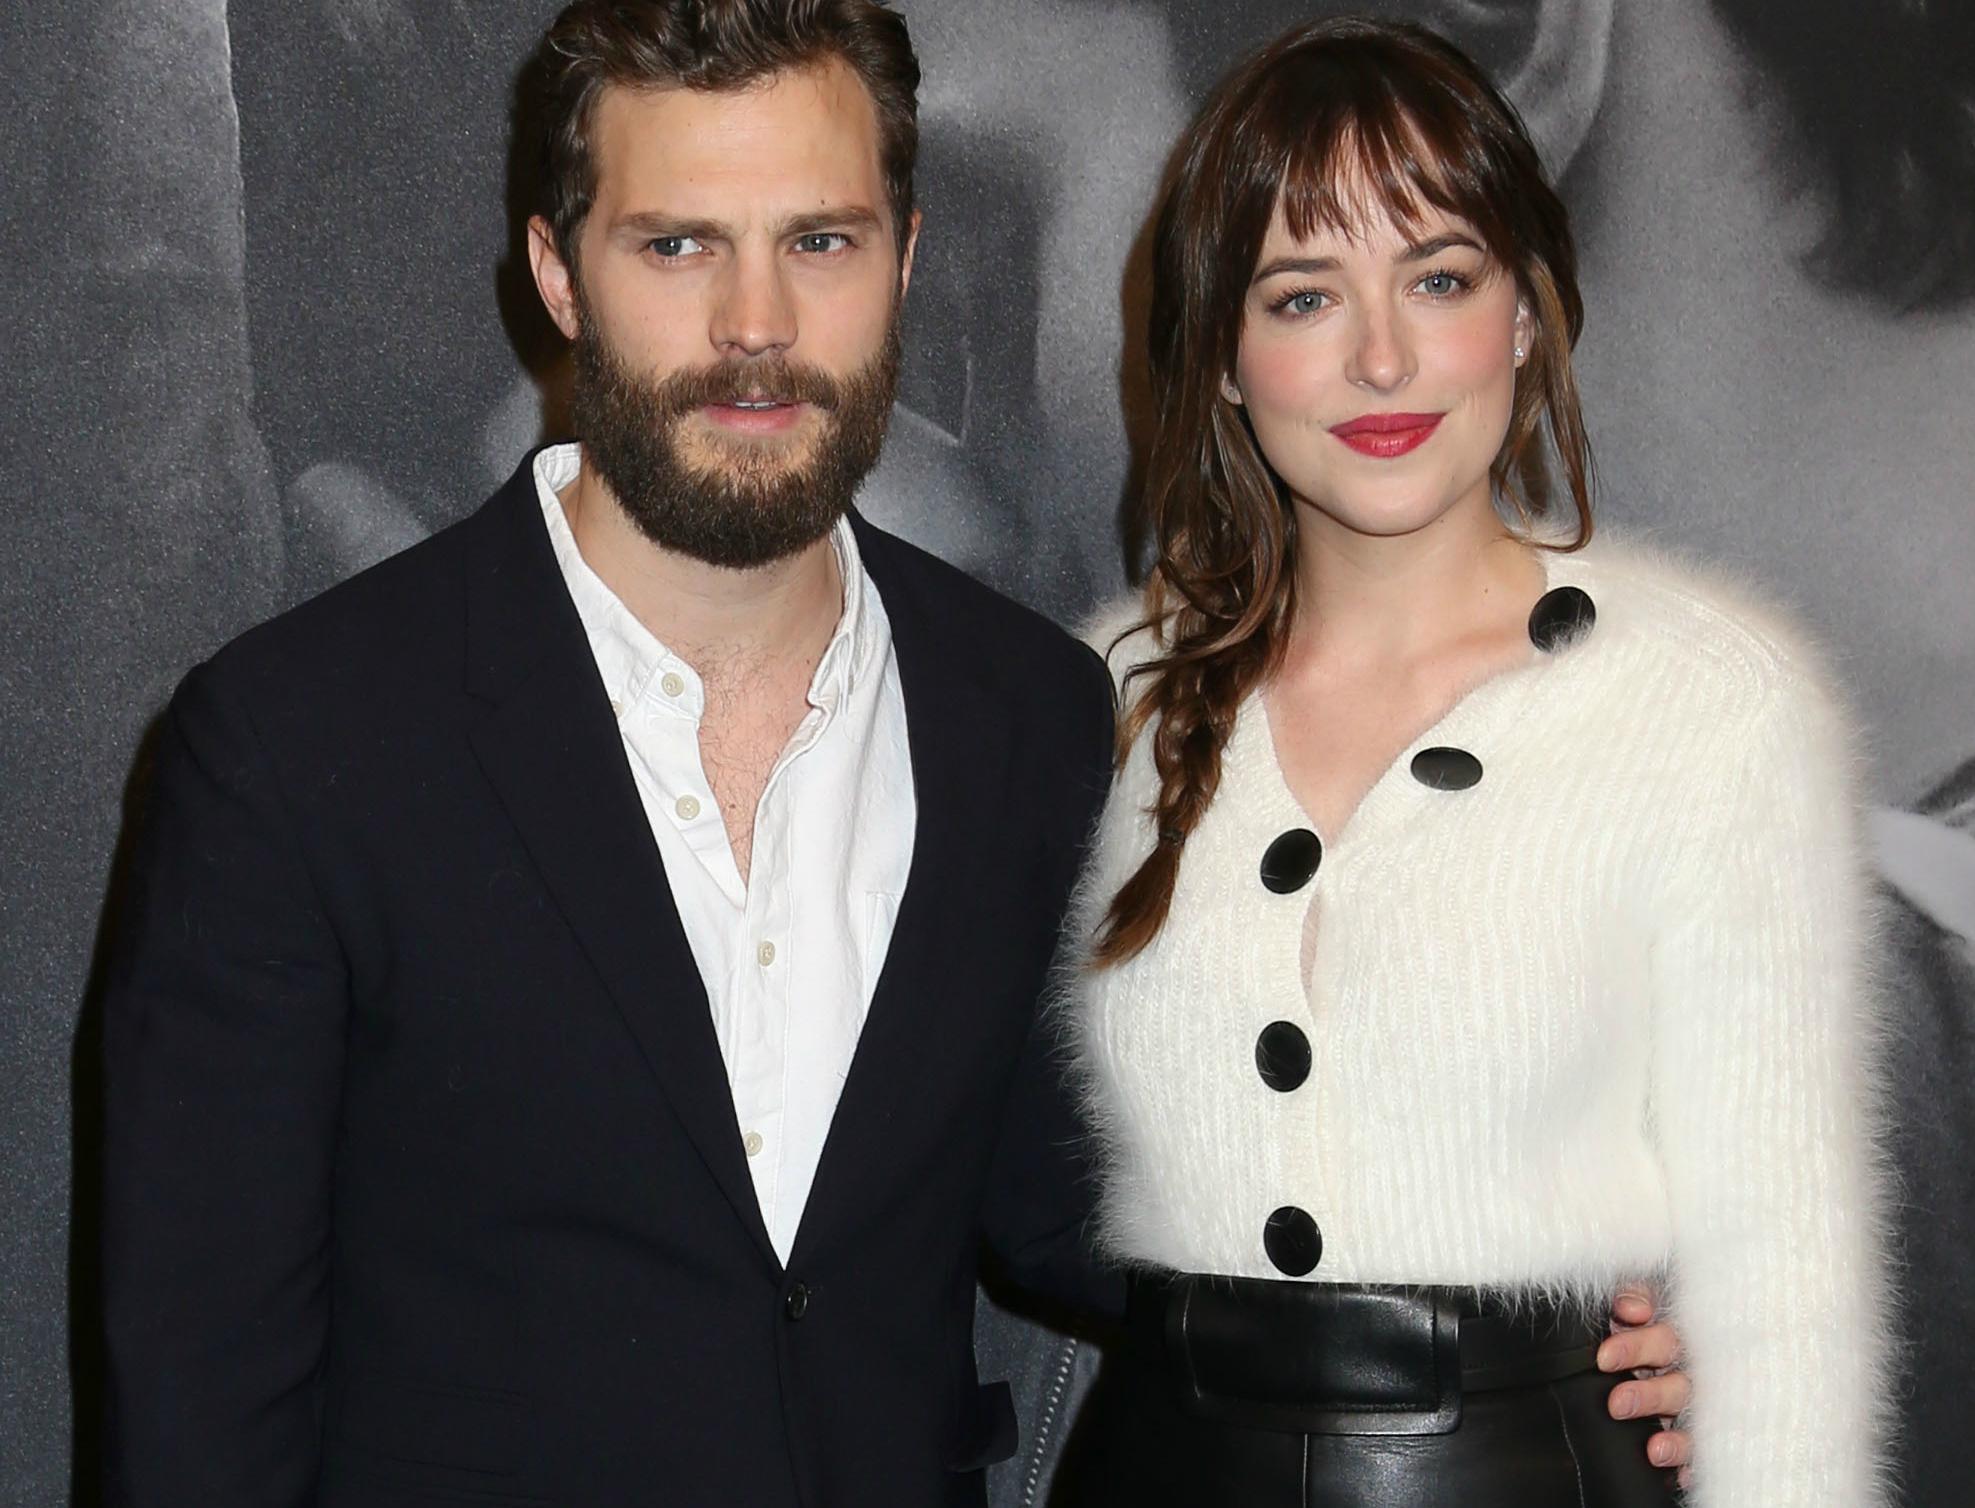 Powieść, a potem film, '50 twarzy Greya' nie powstałyby, gdyby nie 'Zmierzch' (fot: Shutterstock.com)